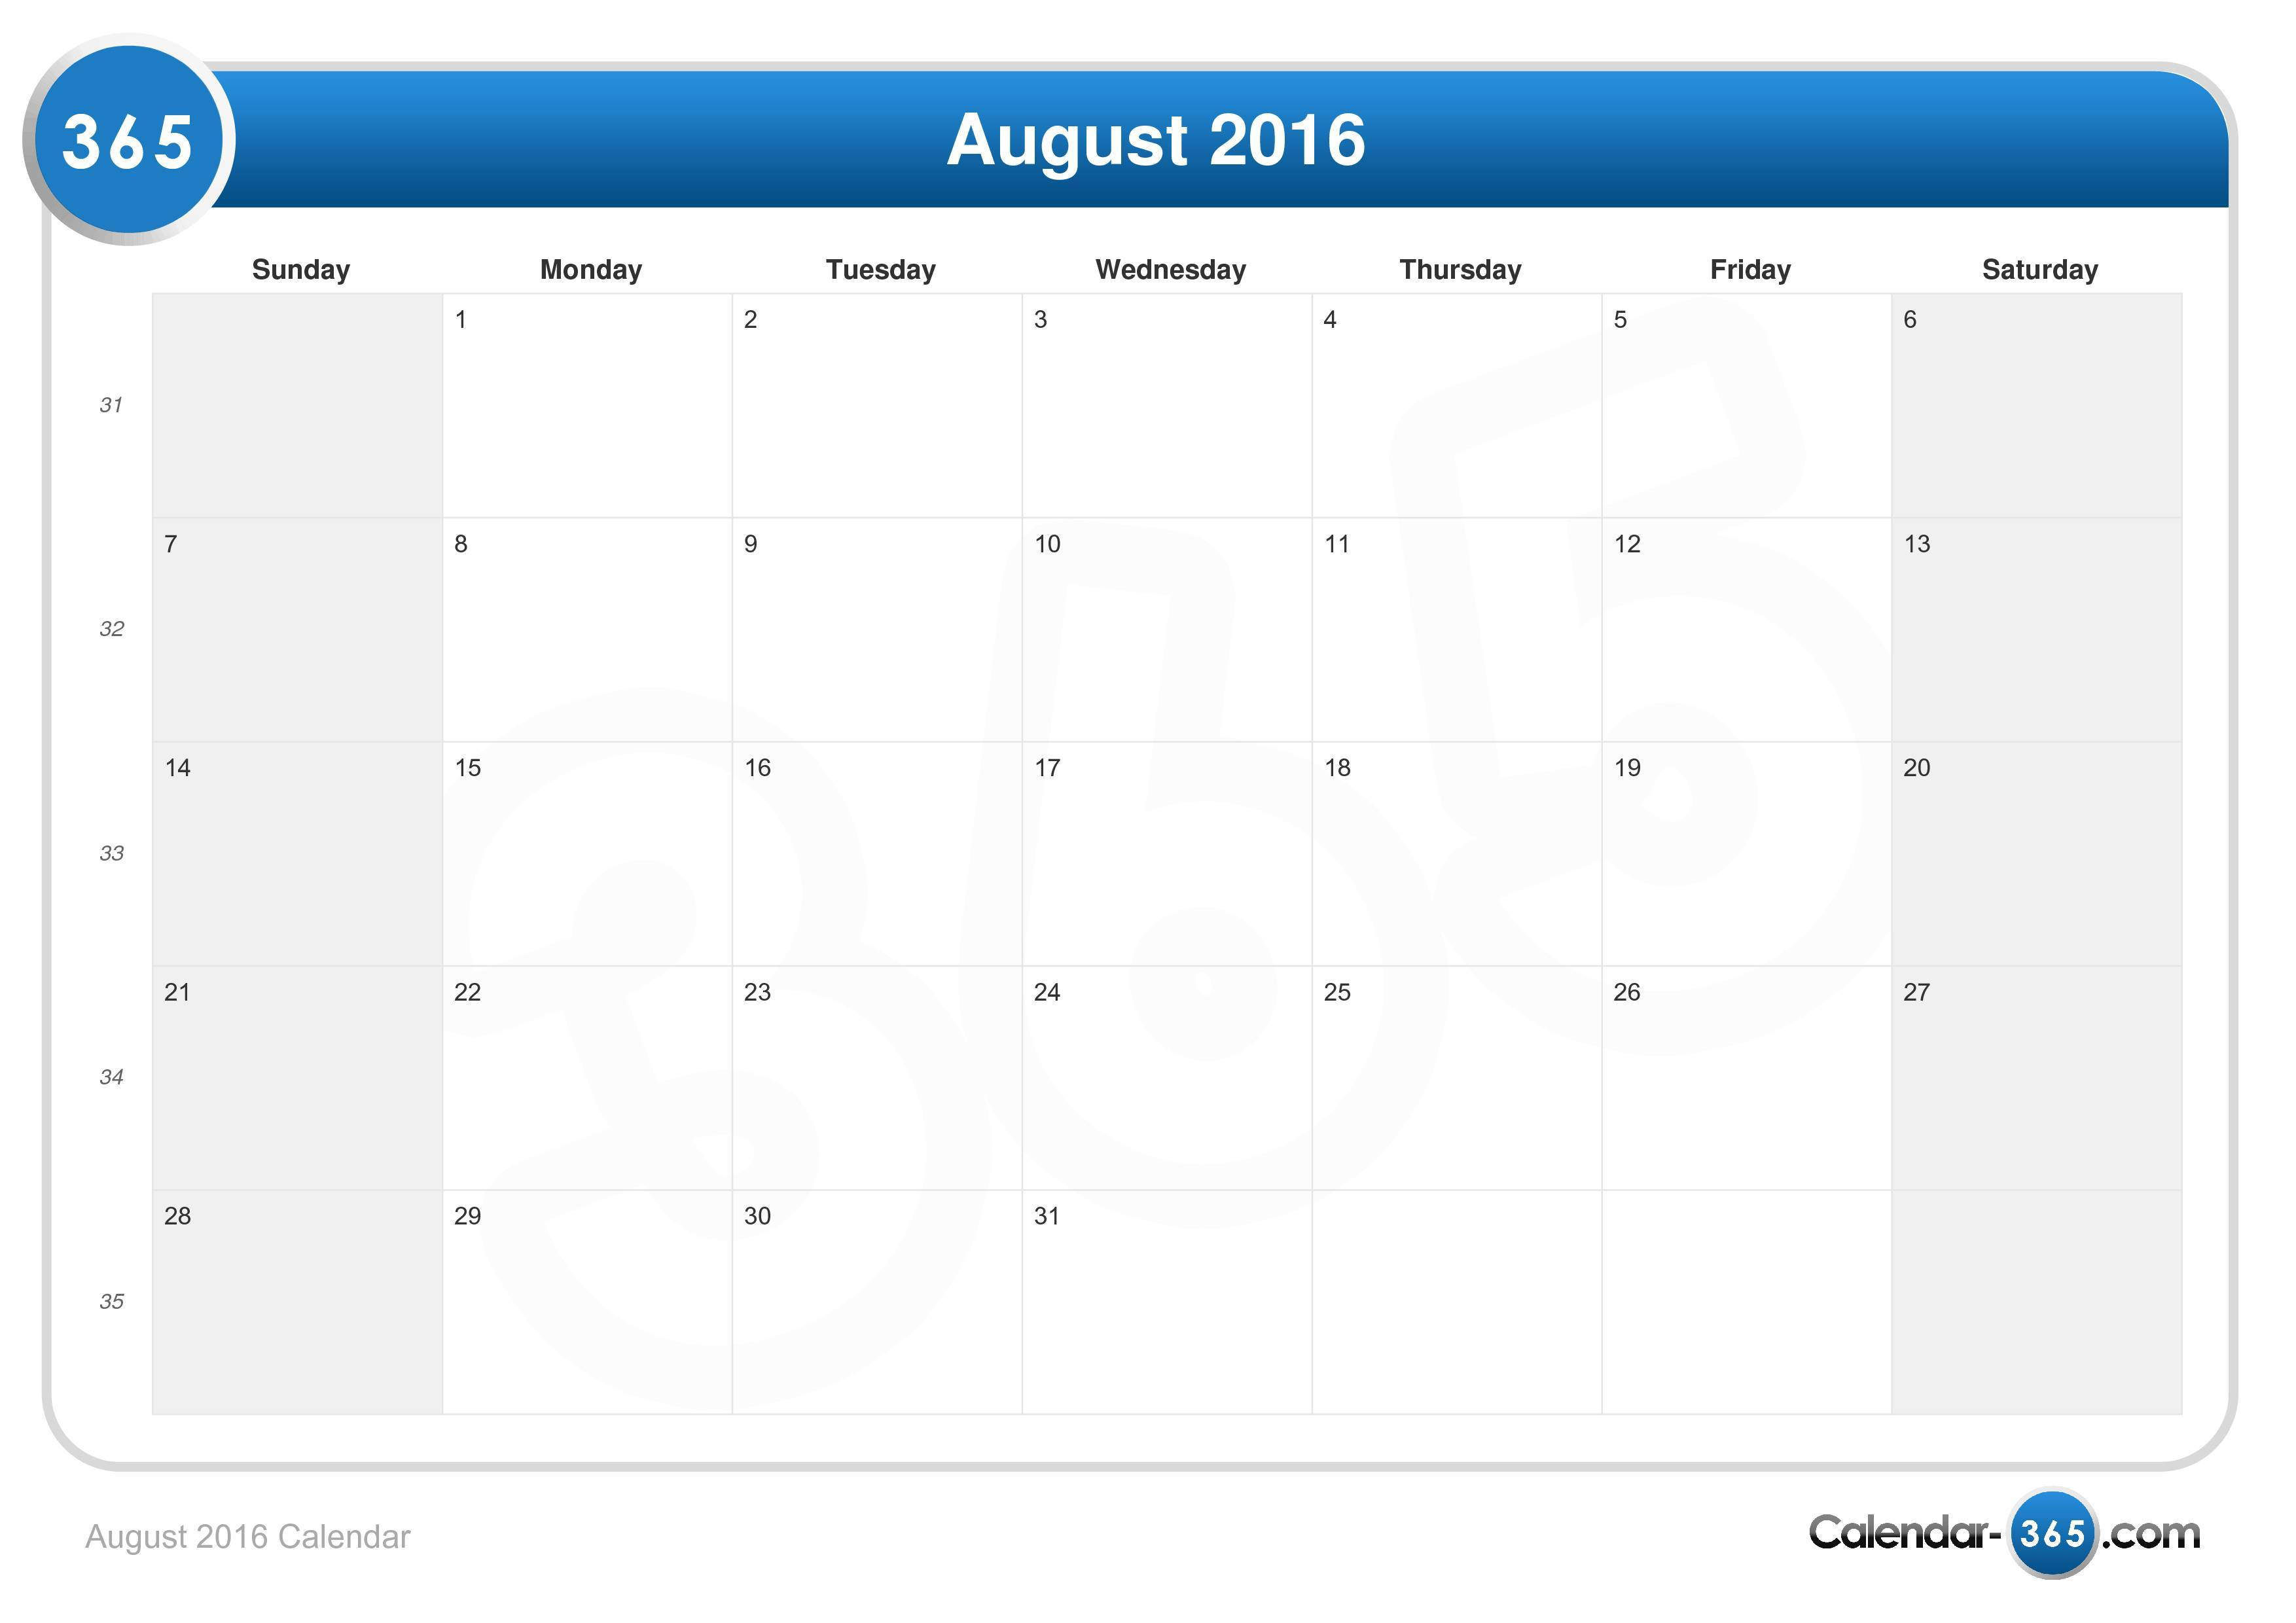 Irvine School District Calendar 2016 August Calendar